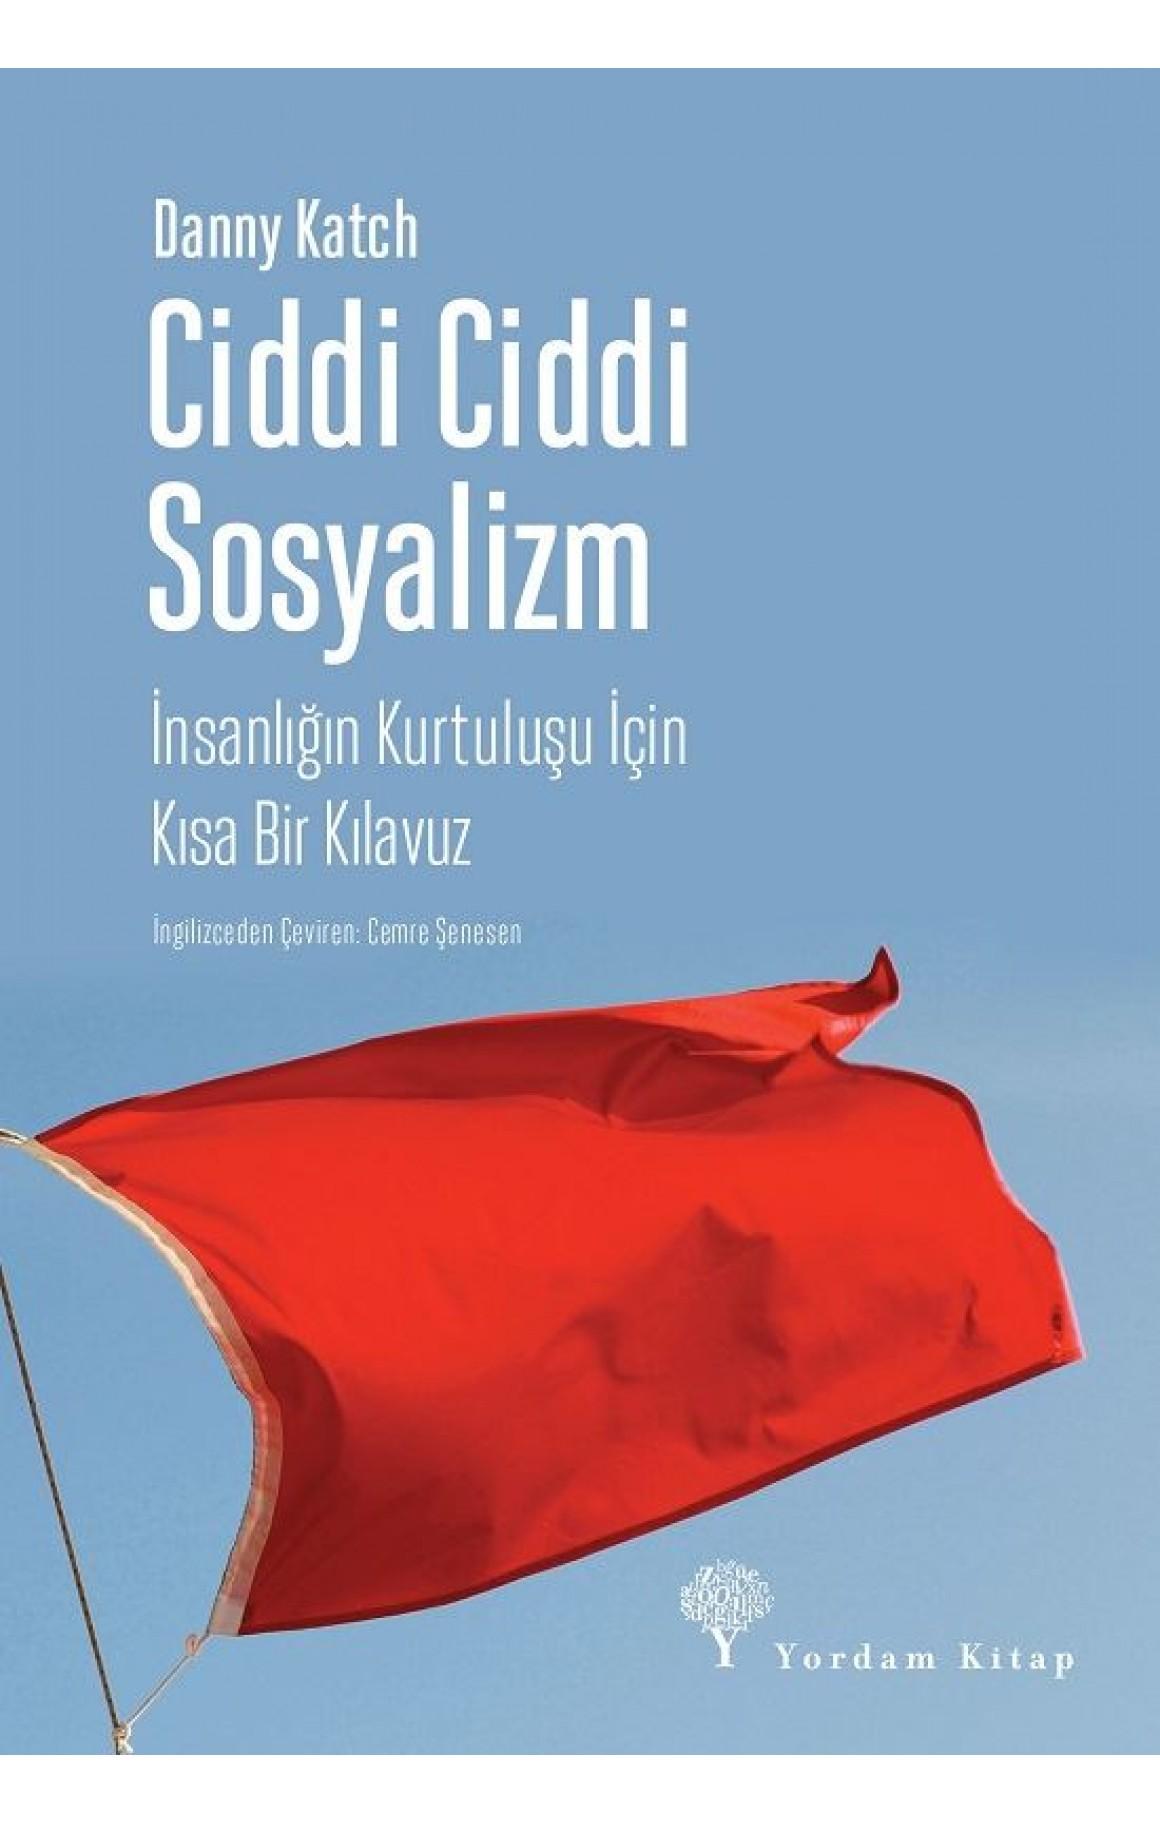 Ciddi Ciddi Sosyalizm-İnsanlığın Kurtuluşu için Kısa Bir Kılavuz